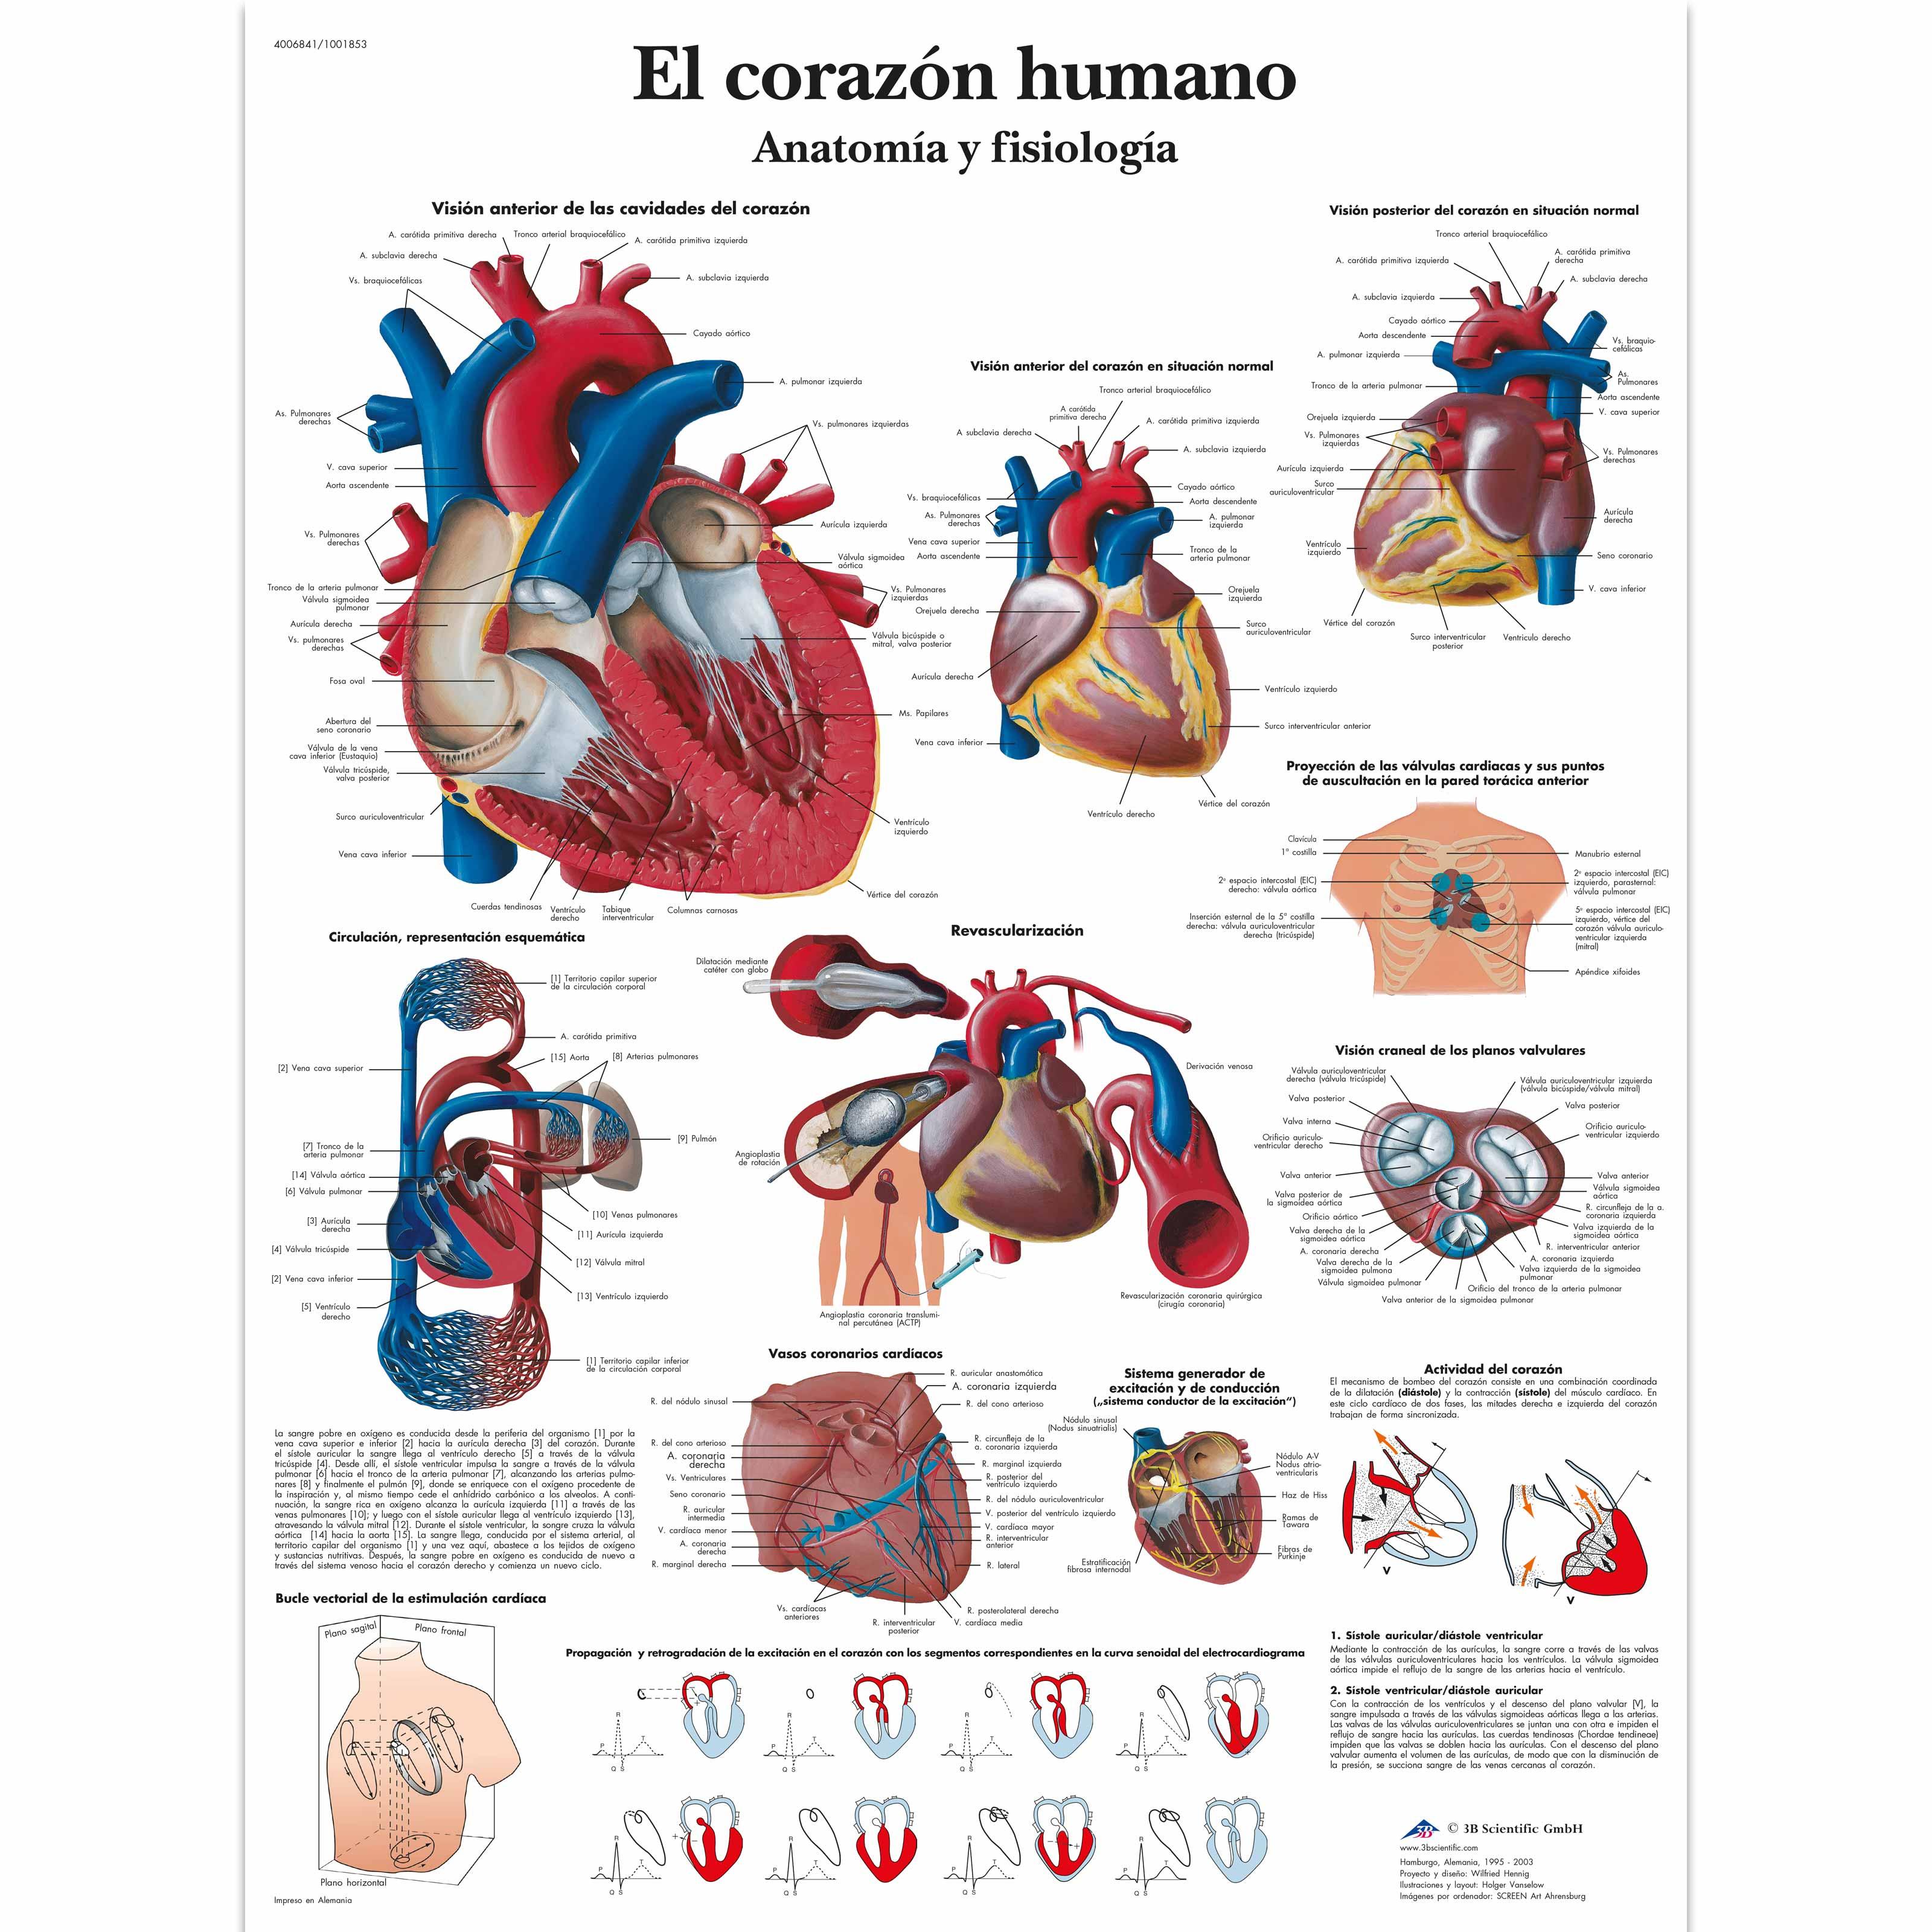 El corazón humano - Anatomía y fisiología - 1001853 - 3B Scientific ...